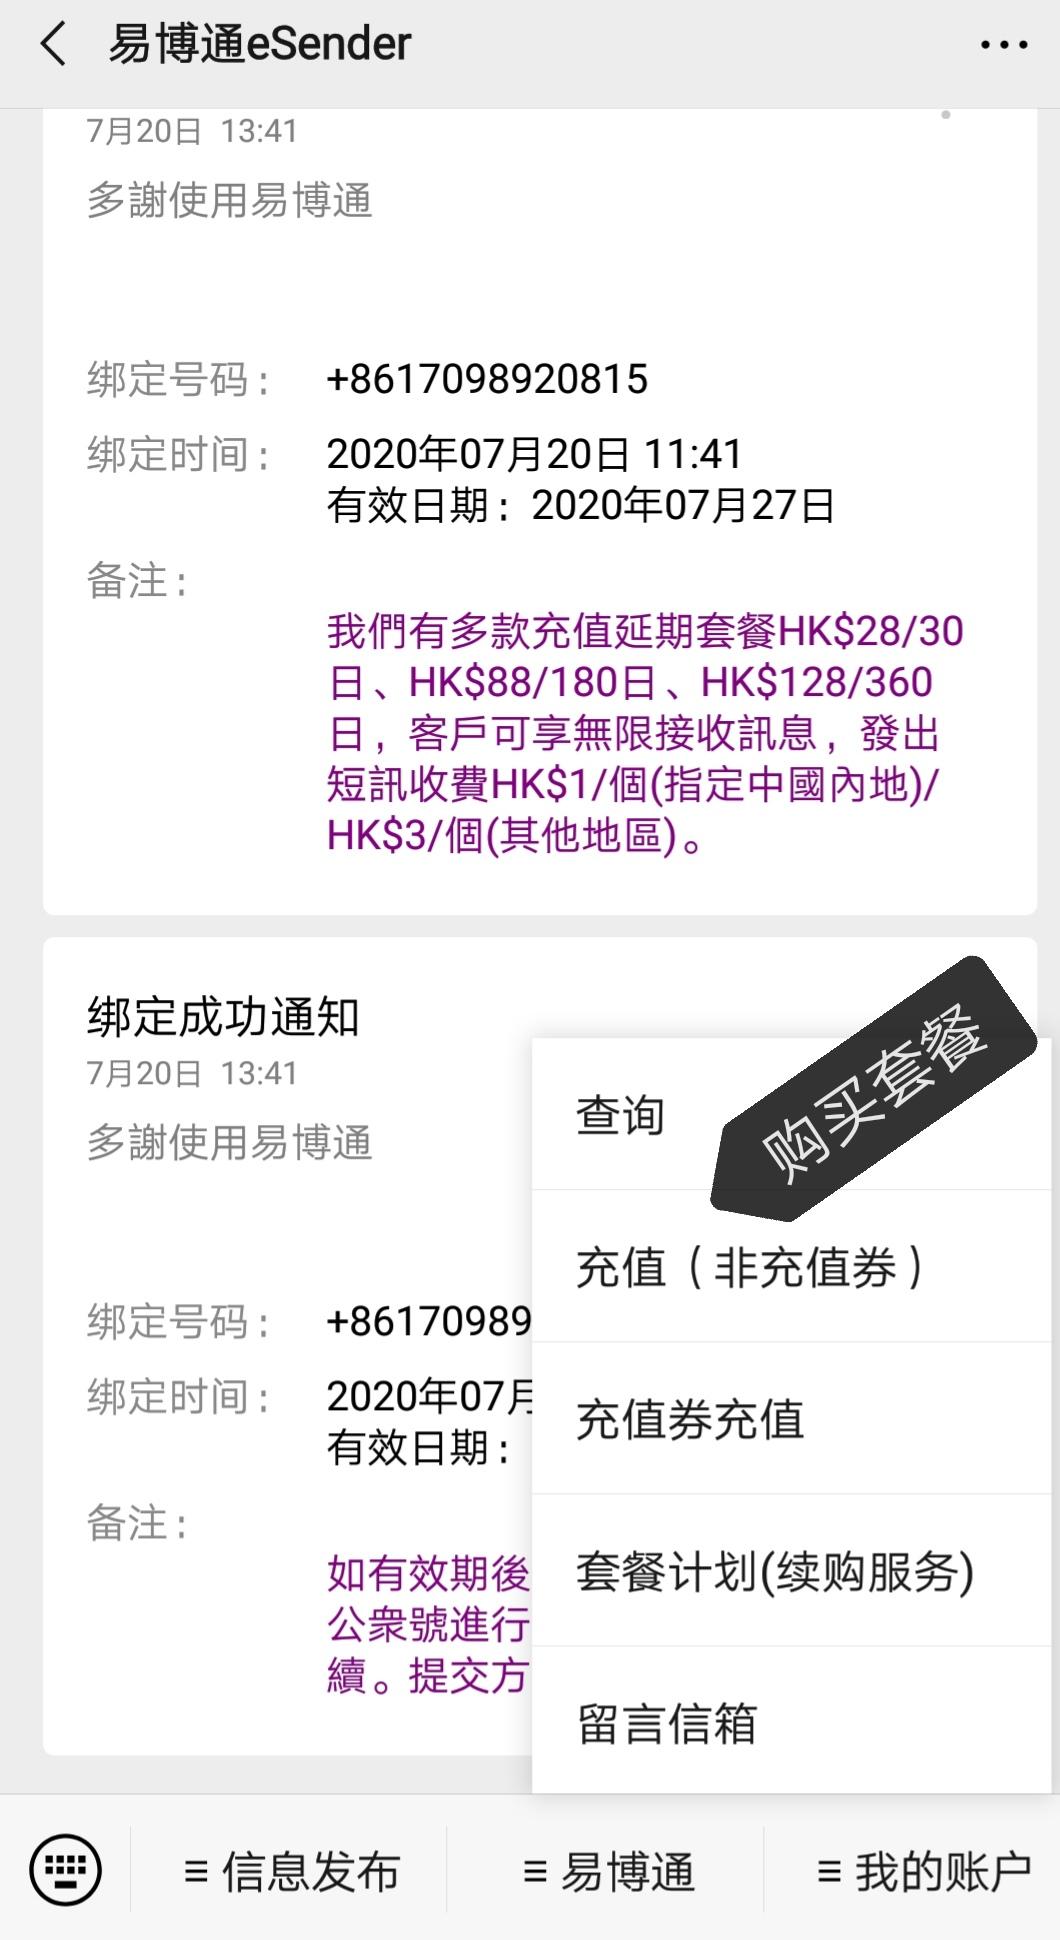 中国手机号码延长有效期